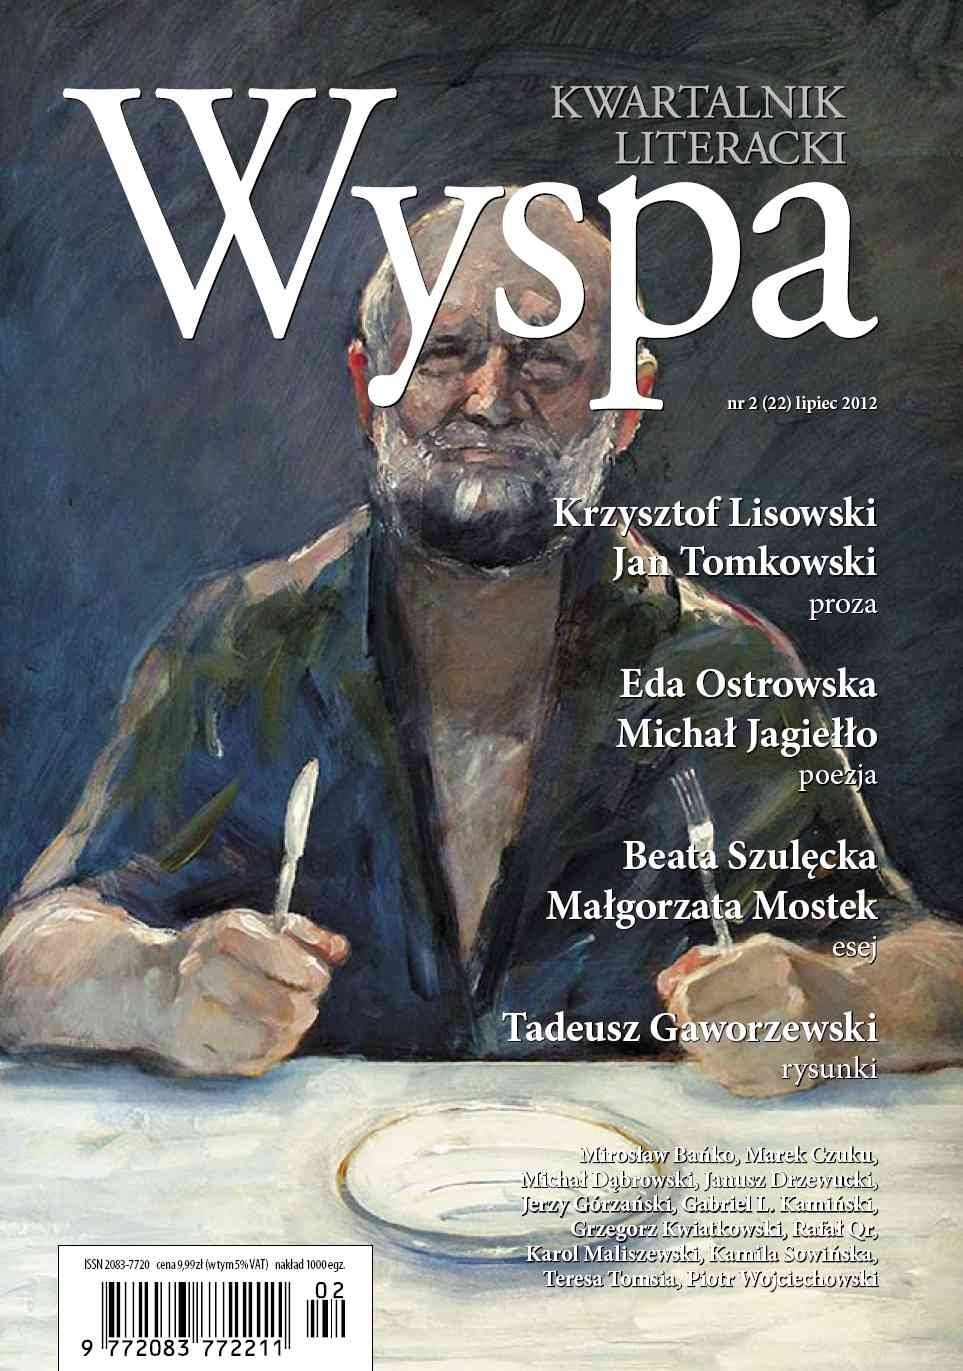 WYSPA Kwartalnik Literacki - nr 2/2012 (22) - Ebook (Książka PDF) do pobrania w formacie PDF